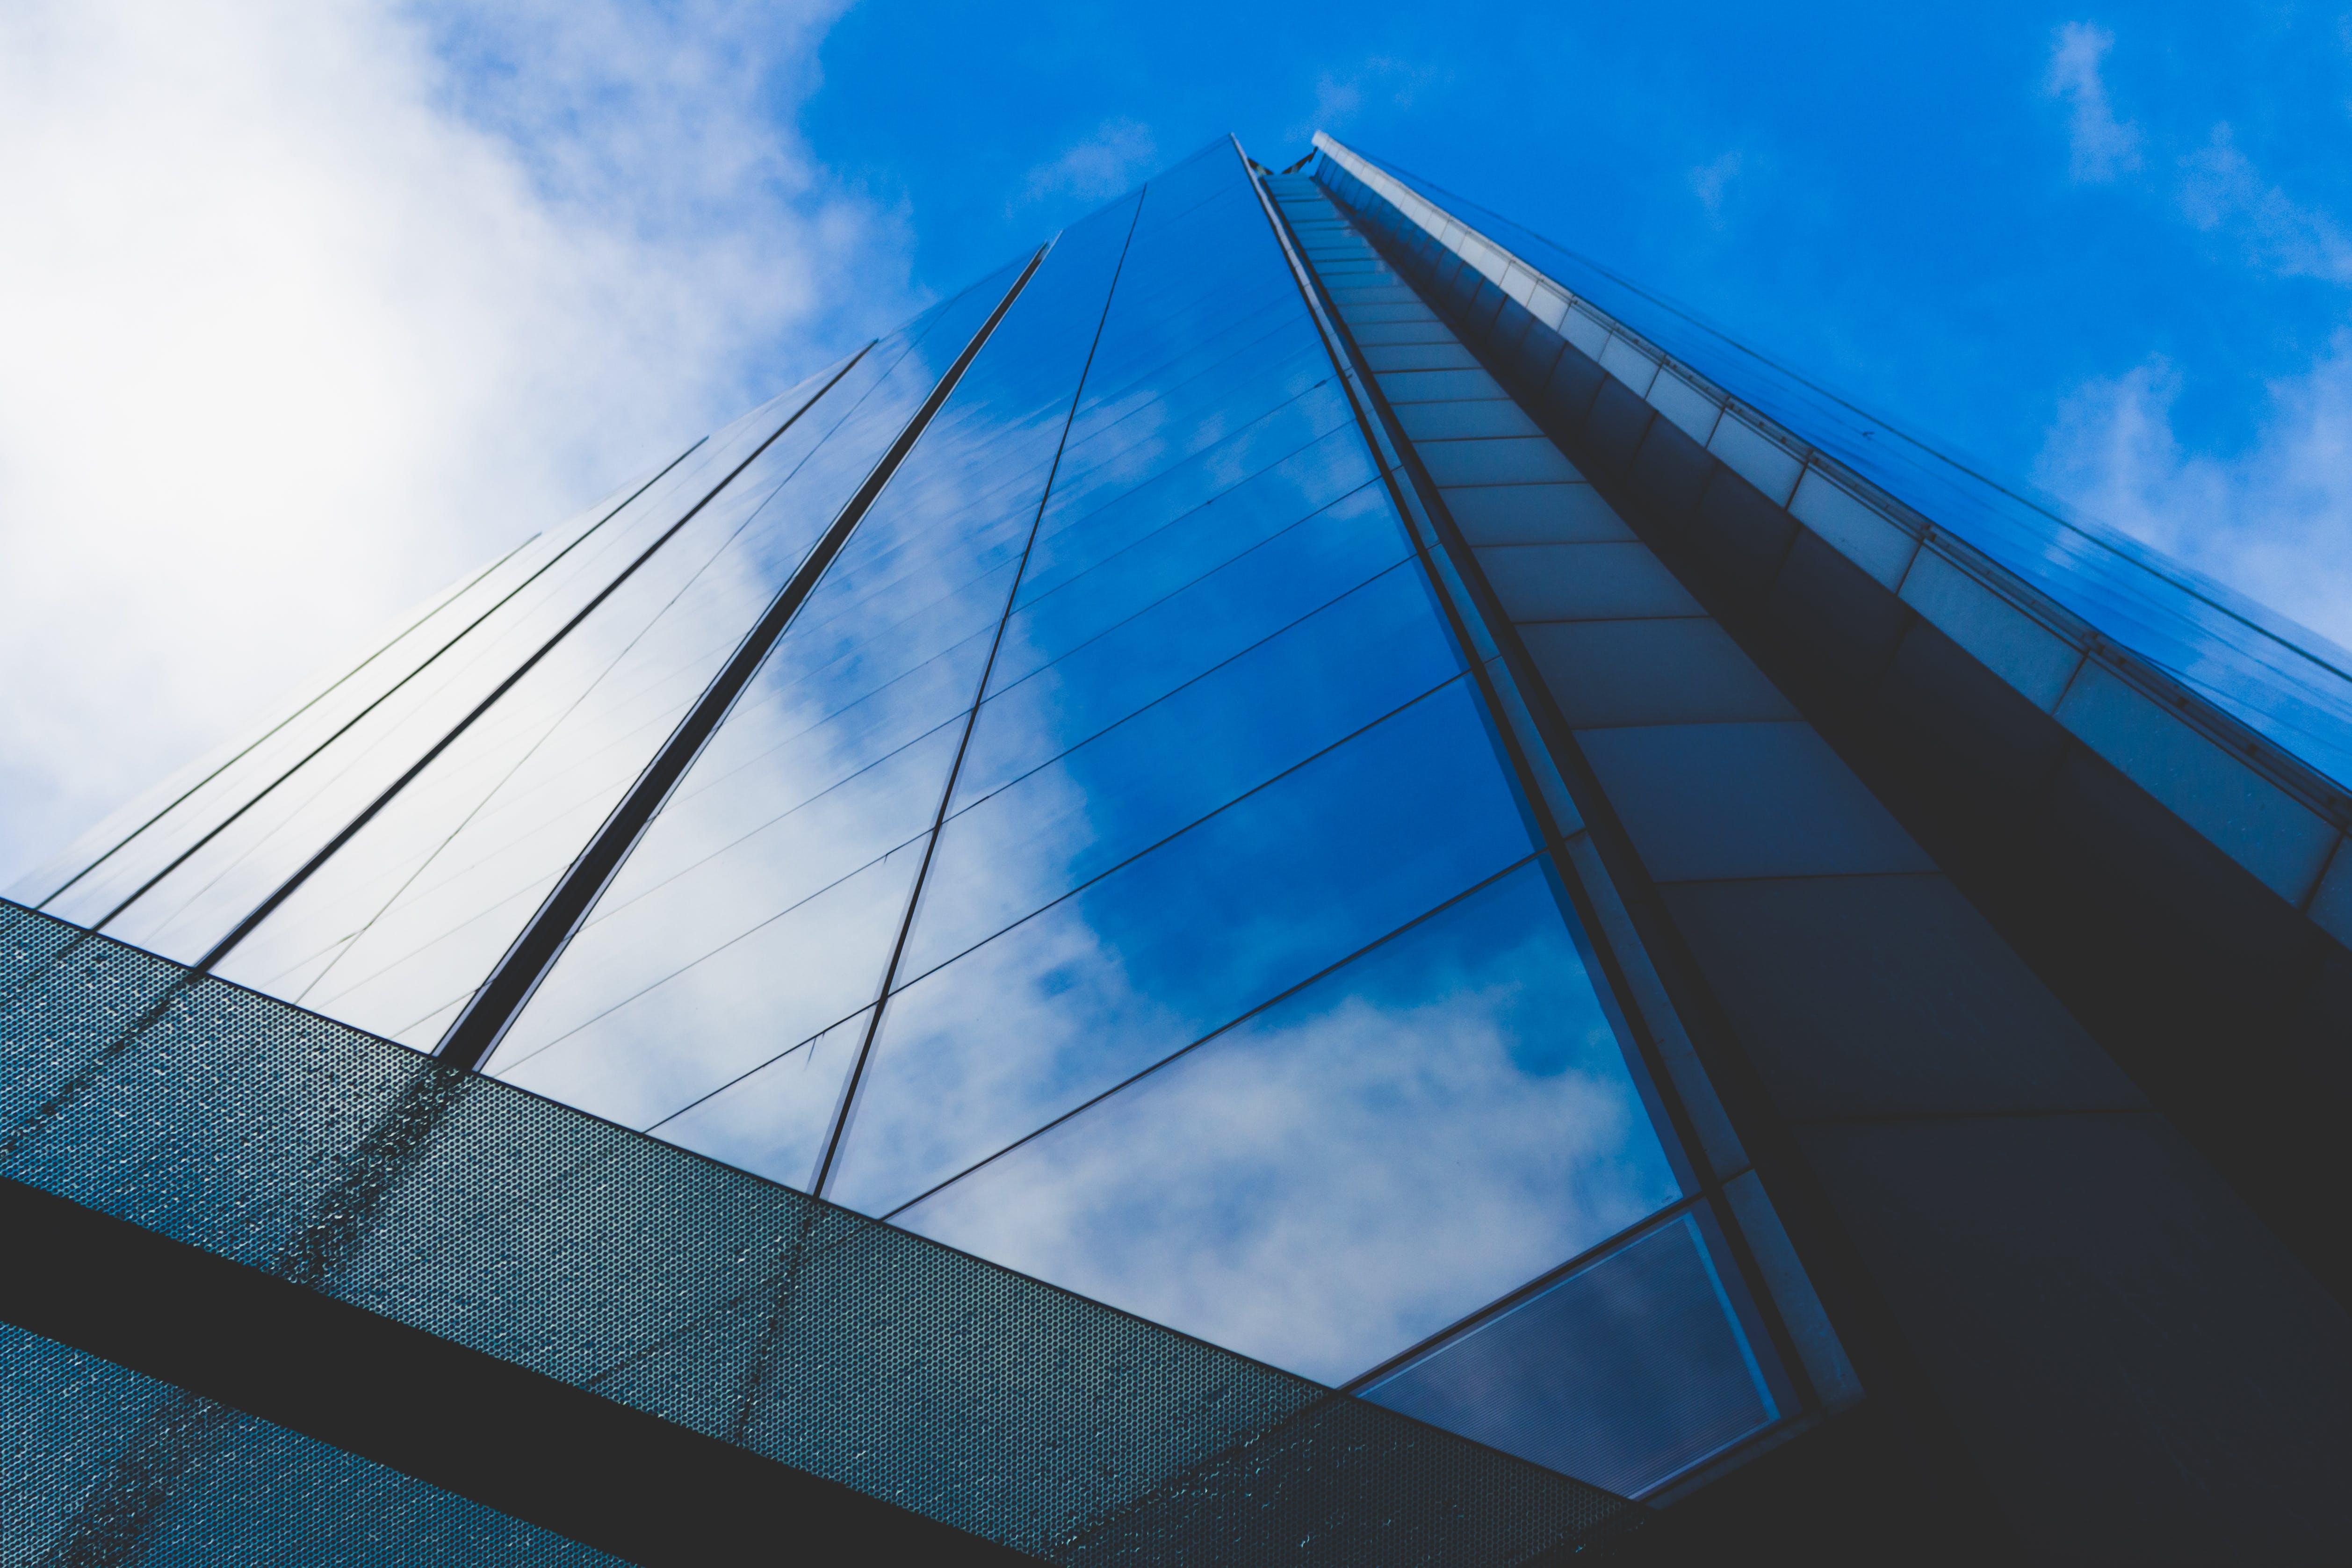 คลังภาพถ่ายฟรี ของ กระจก, การก่อสร้าง, การสะท้อน, การเงิน